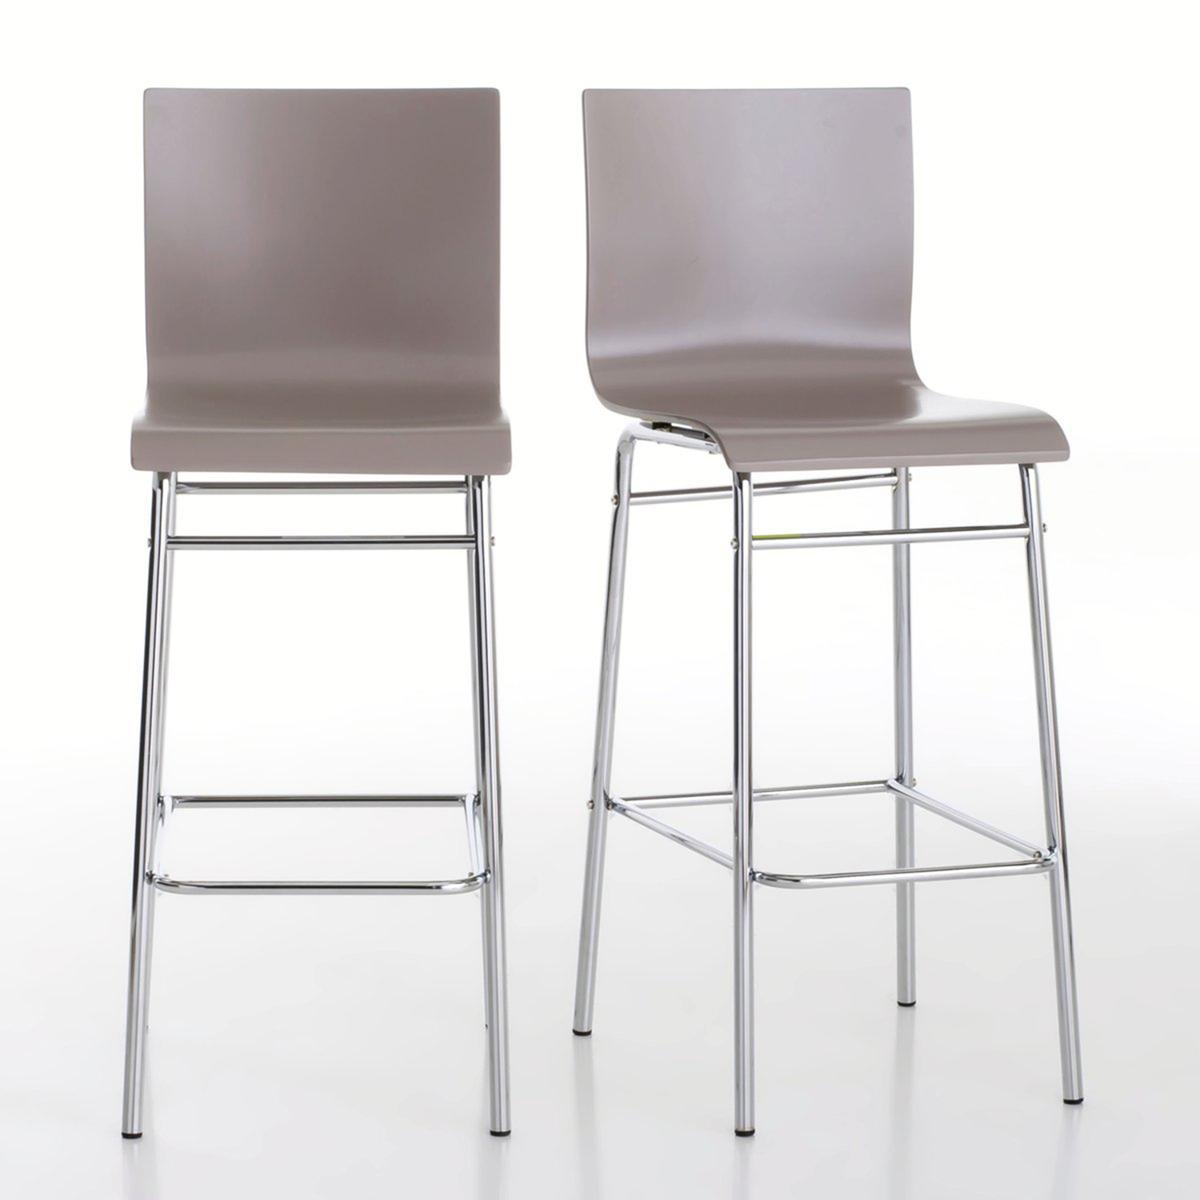 2 стула барных, JanikХарактеристики стульев Janik :Спинка и сиденье из фанеры, ПУ-лакировка  . Ножки из хромированной стальной трубки .Стулья продаются по 2 шт одного цвета.Барные стулья Janik продаются готовыми к сборке  Найдите высокий стол Janik, а также всю коллекцию Janik на нашем сайте  .ru.Размеры высоких стульев Janik :Общие :Ширина : 42 смВысота : 110 смГлубина : 50 см..Сиденье : Выс 75 см<br><br>Цвет: желтый,серо-коричневый